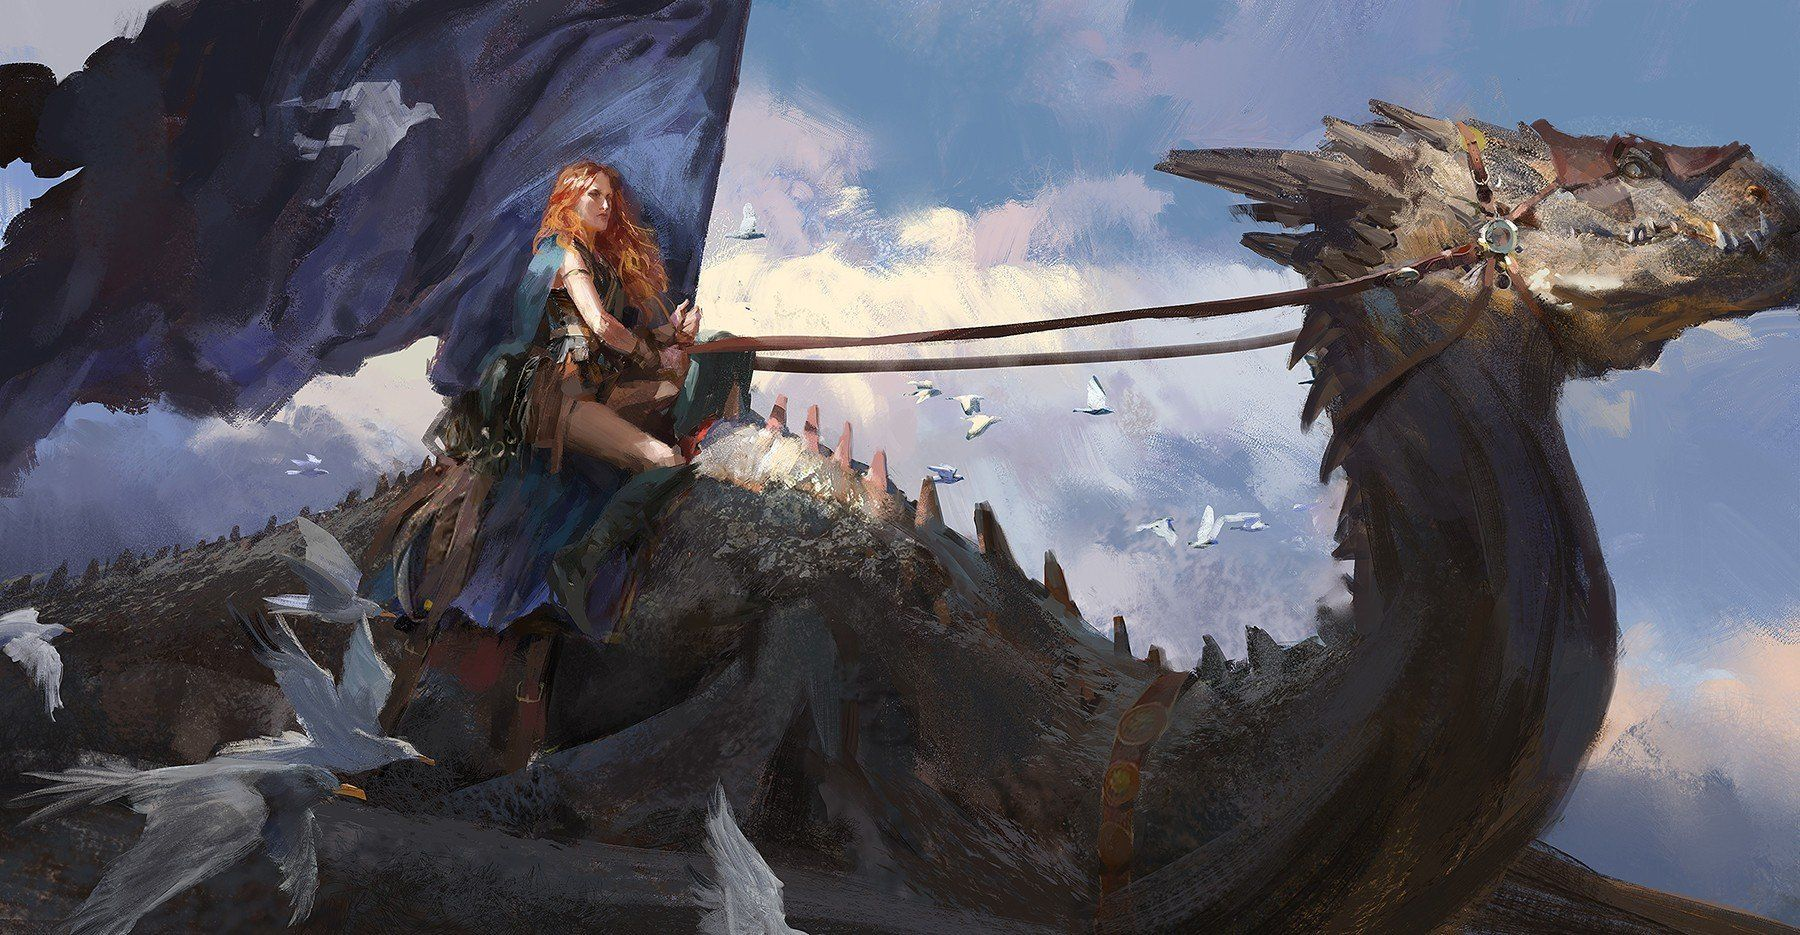 Dragon Fantasy Art Wallpaper Fantasy Art Fantasy Illustration Art